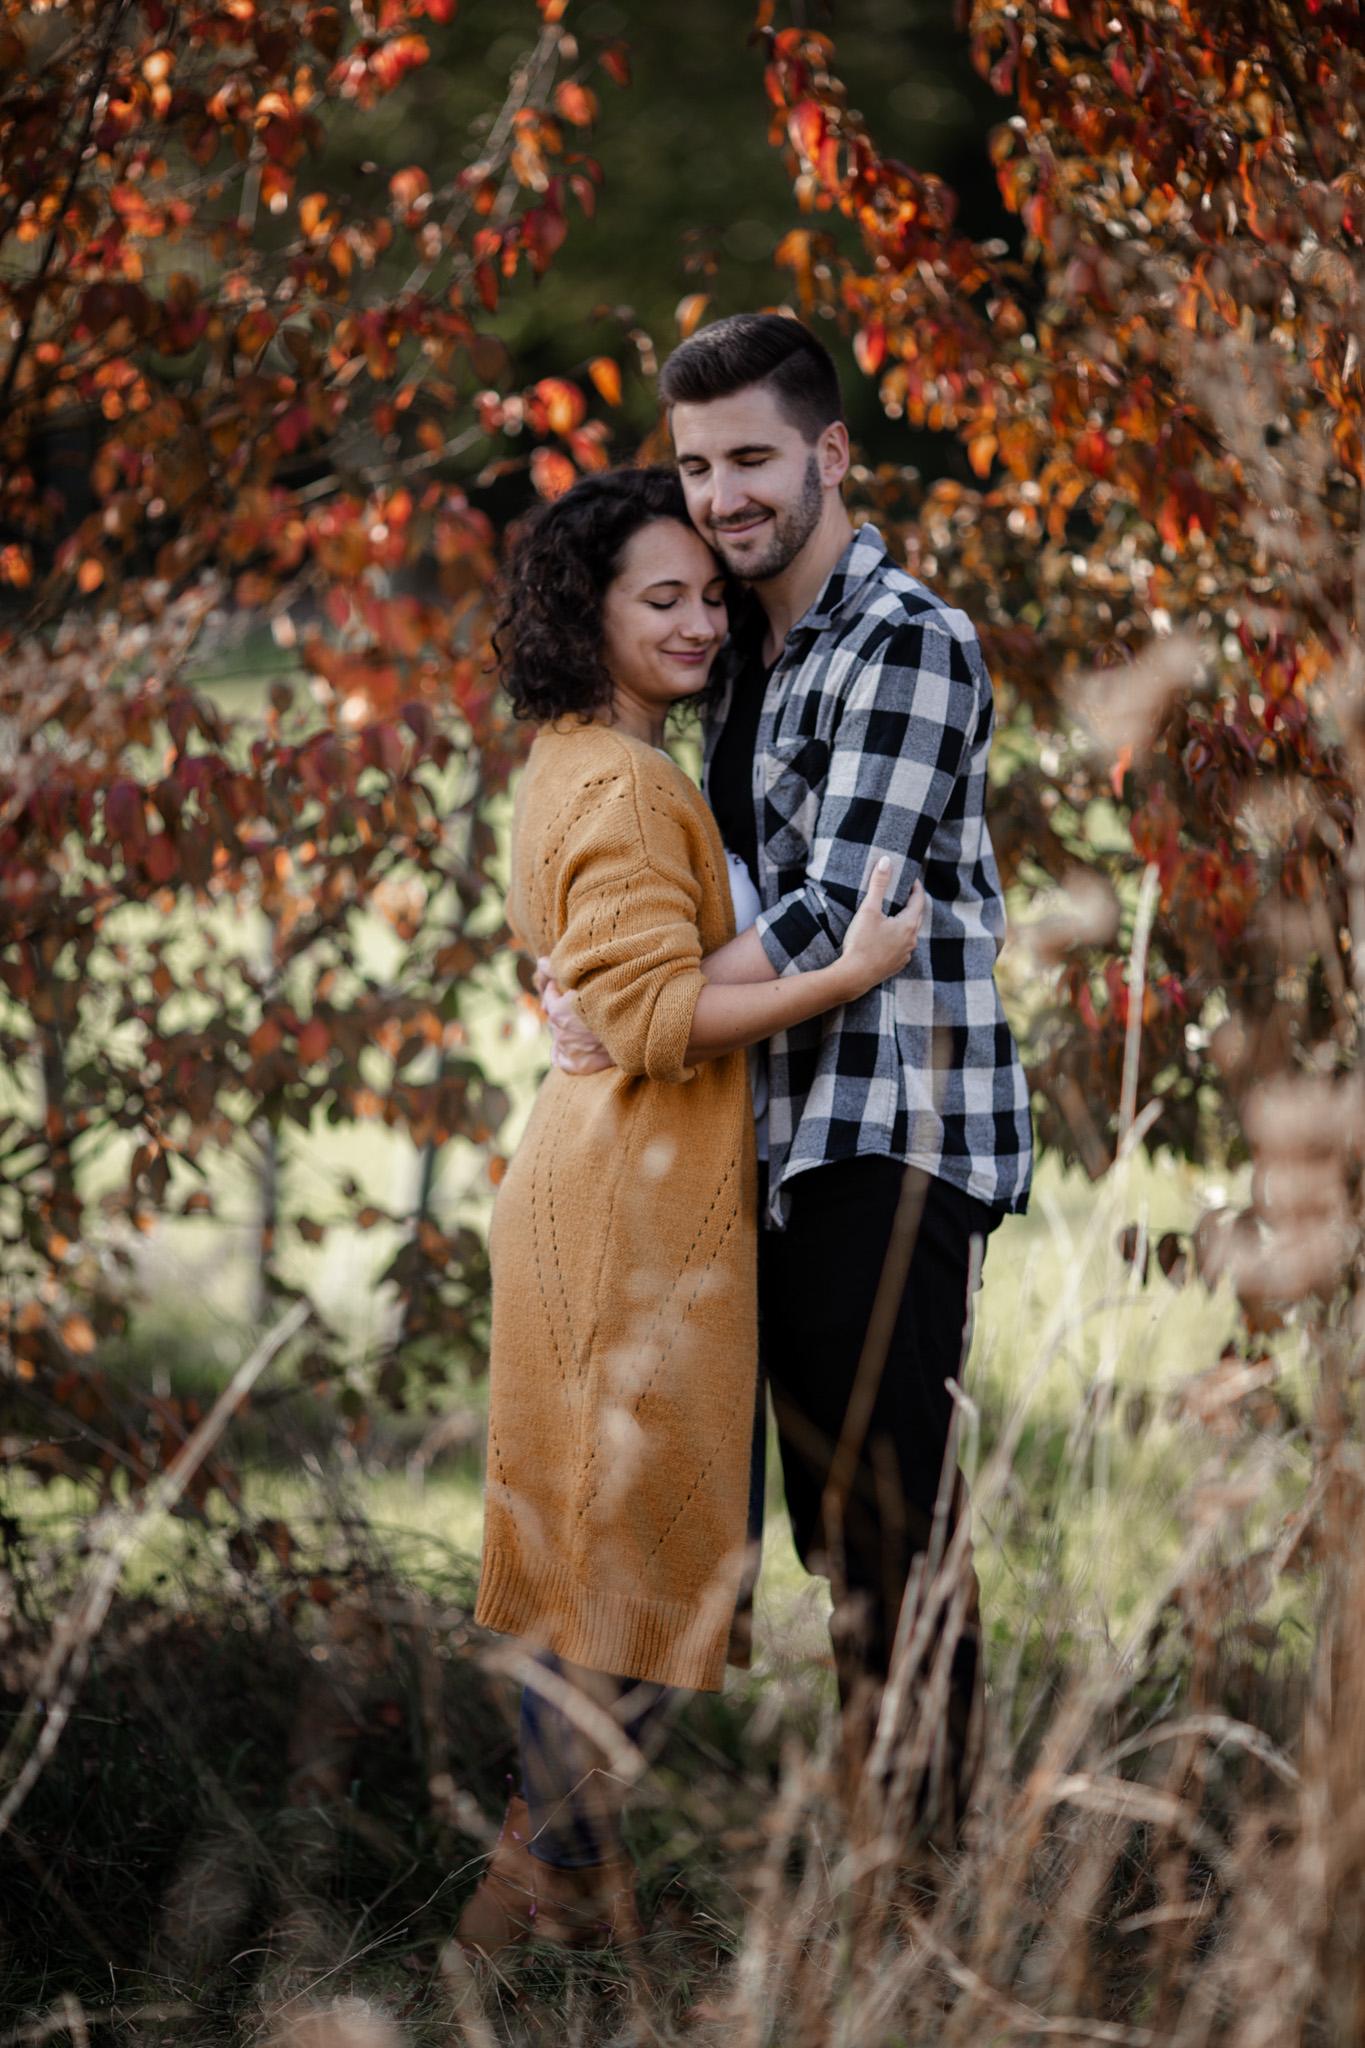 Paarfotos in Undenheim: Sarah und Patrick 2